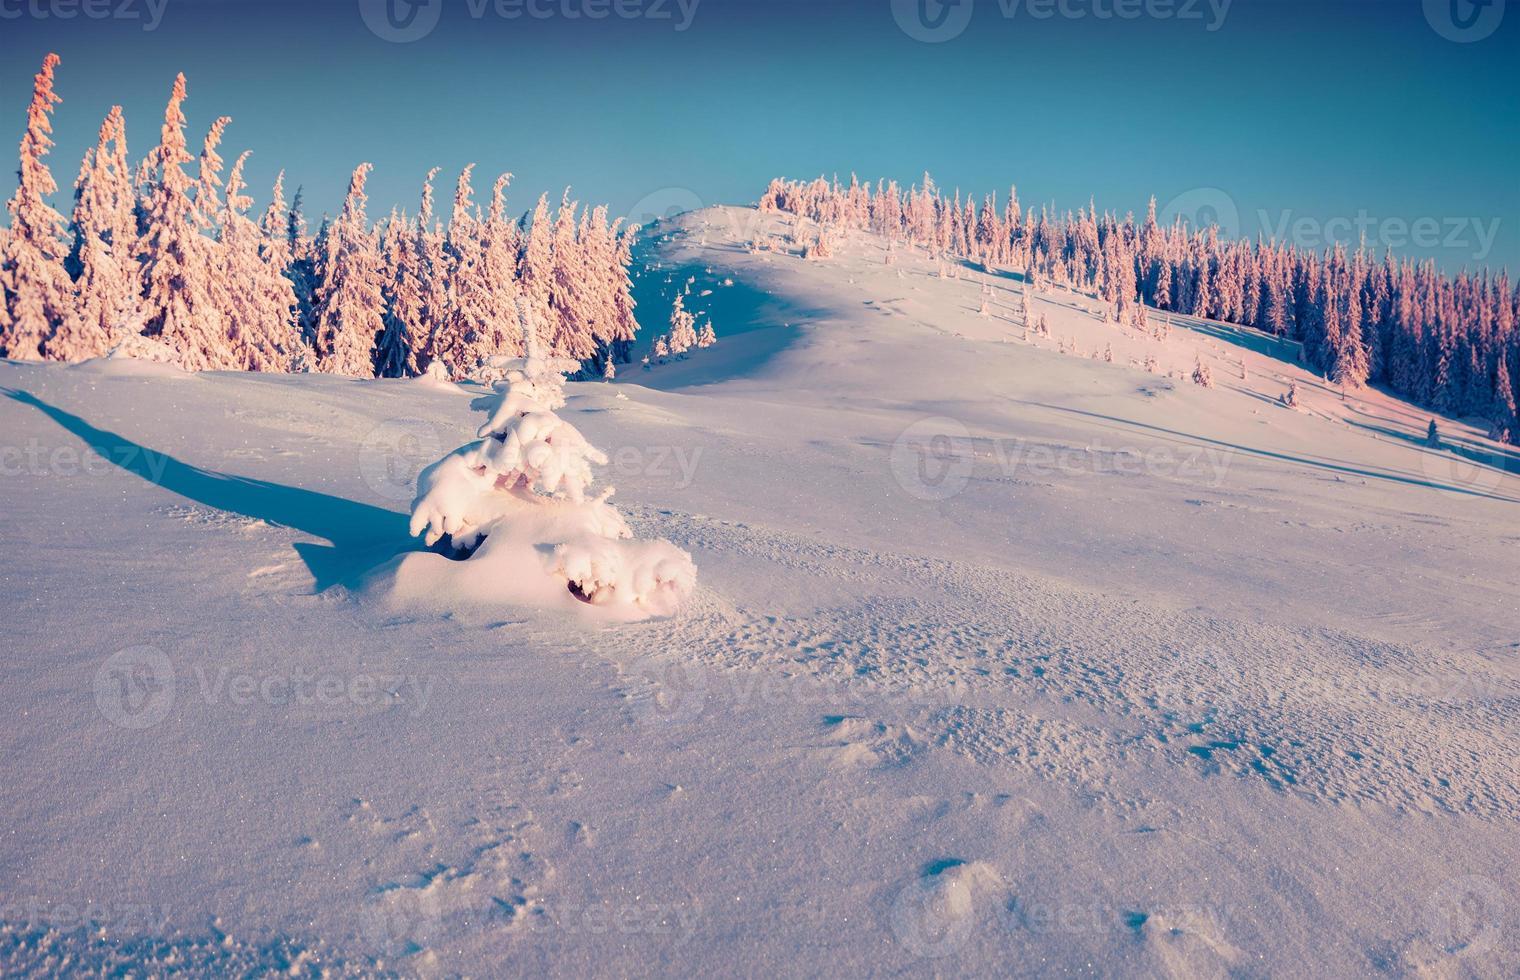 paisaje de invierno soleado en el bosque de montaña. foto